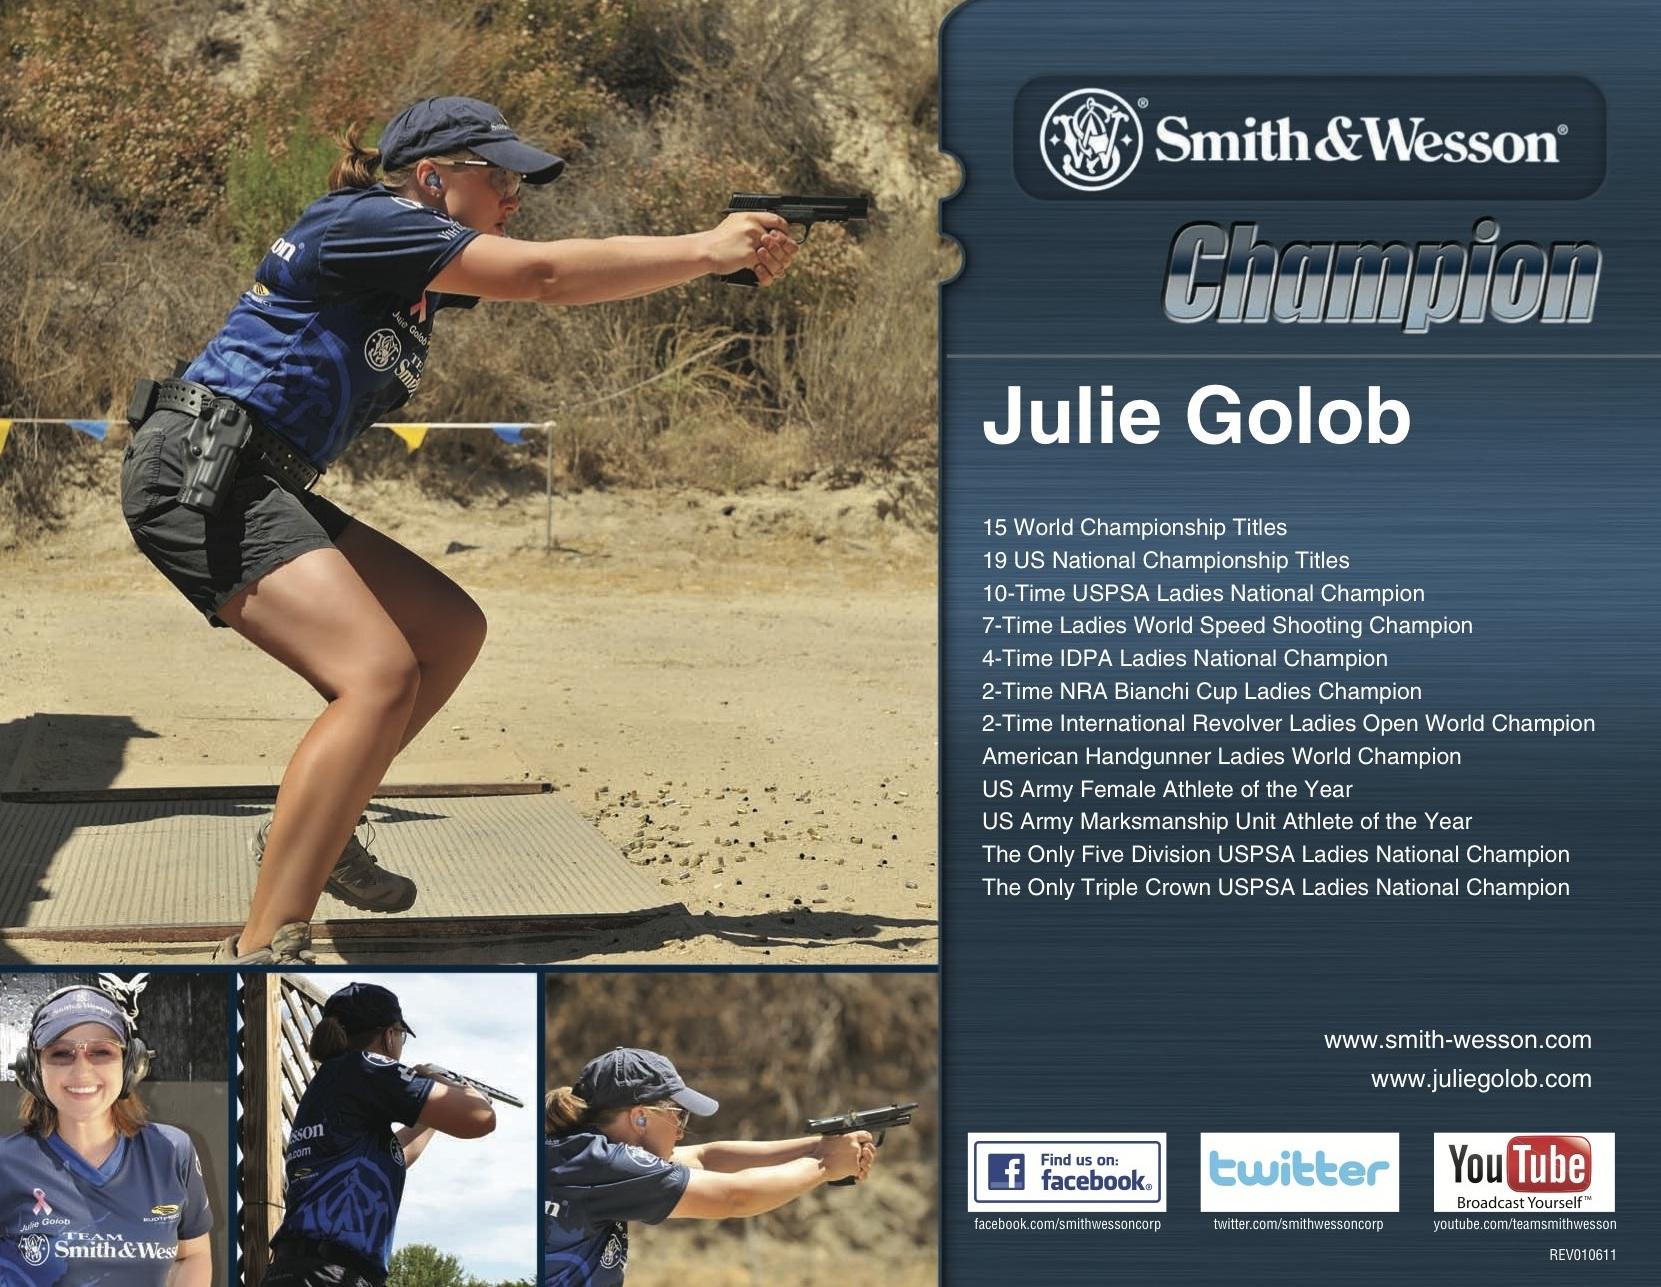 Julie G - 2011 Autograph 8x10